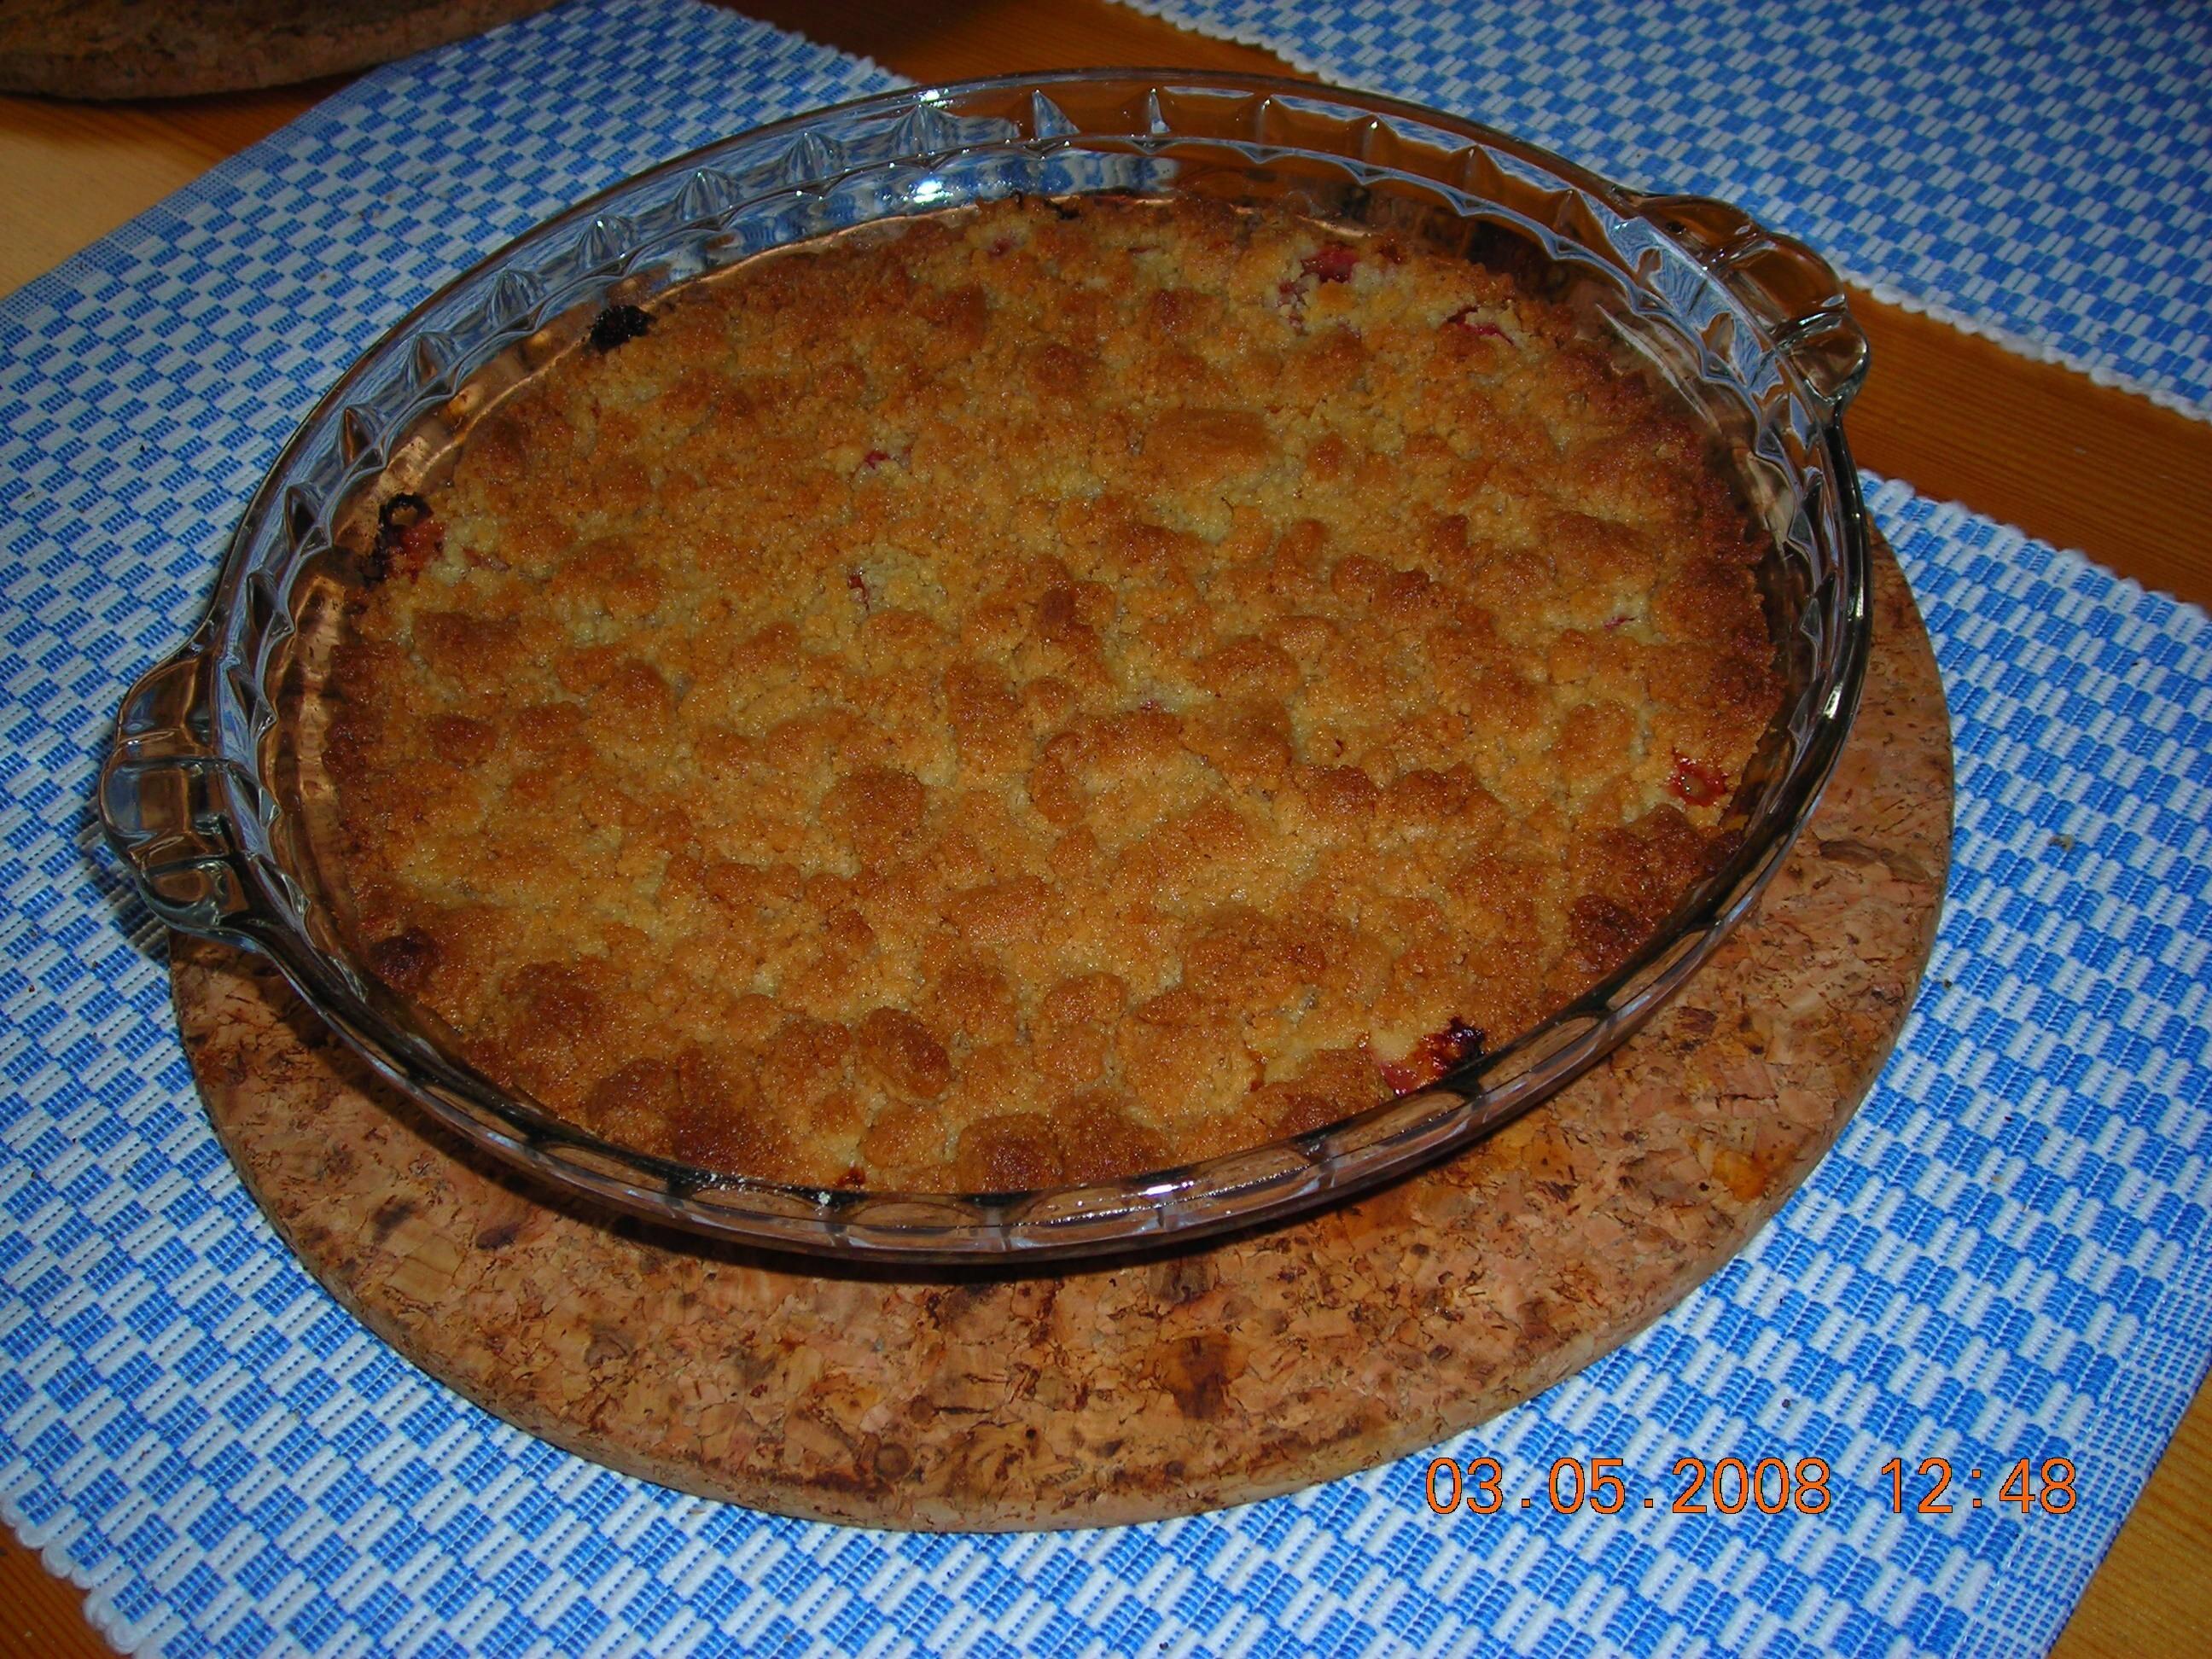 Frasig rabarberpaj eller äppelkaka